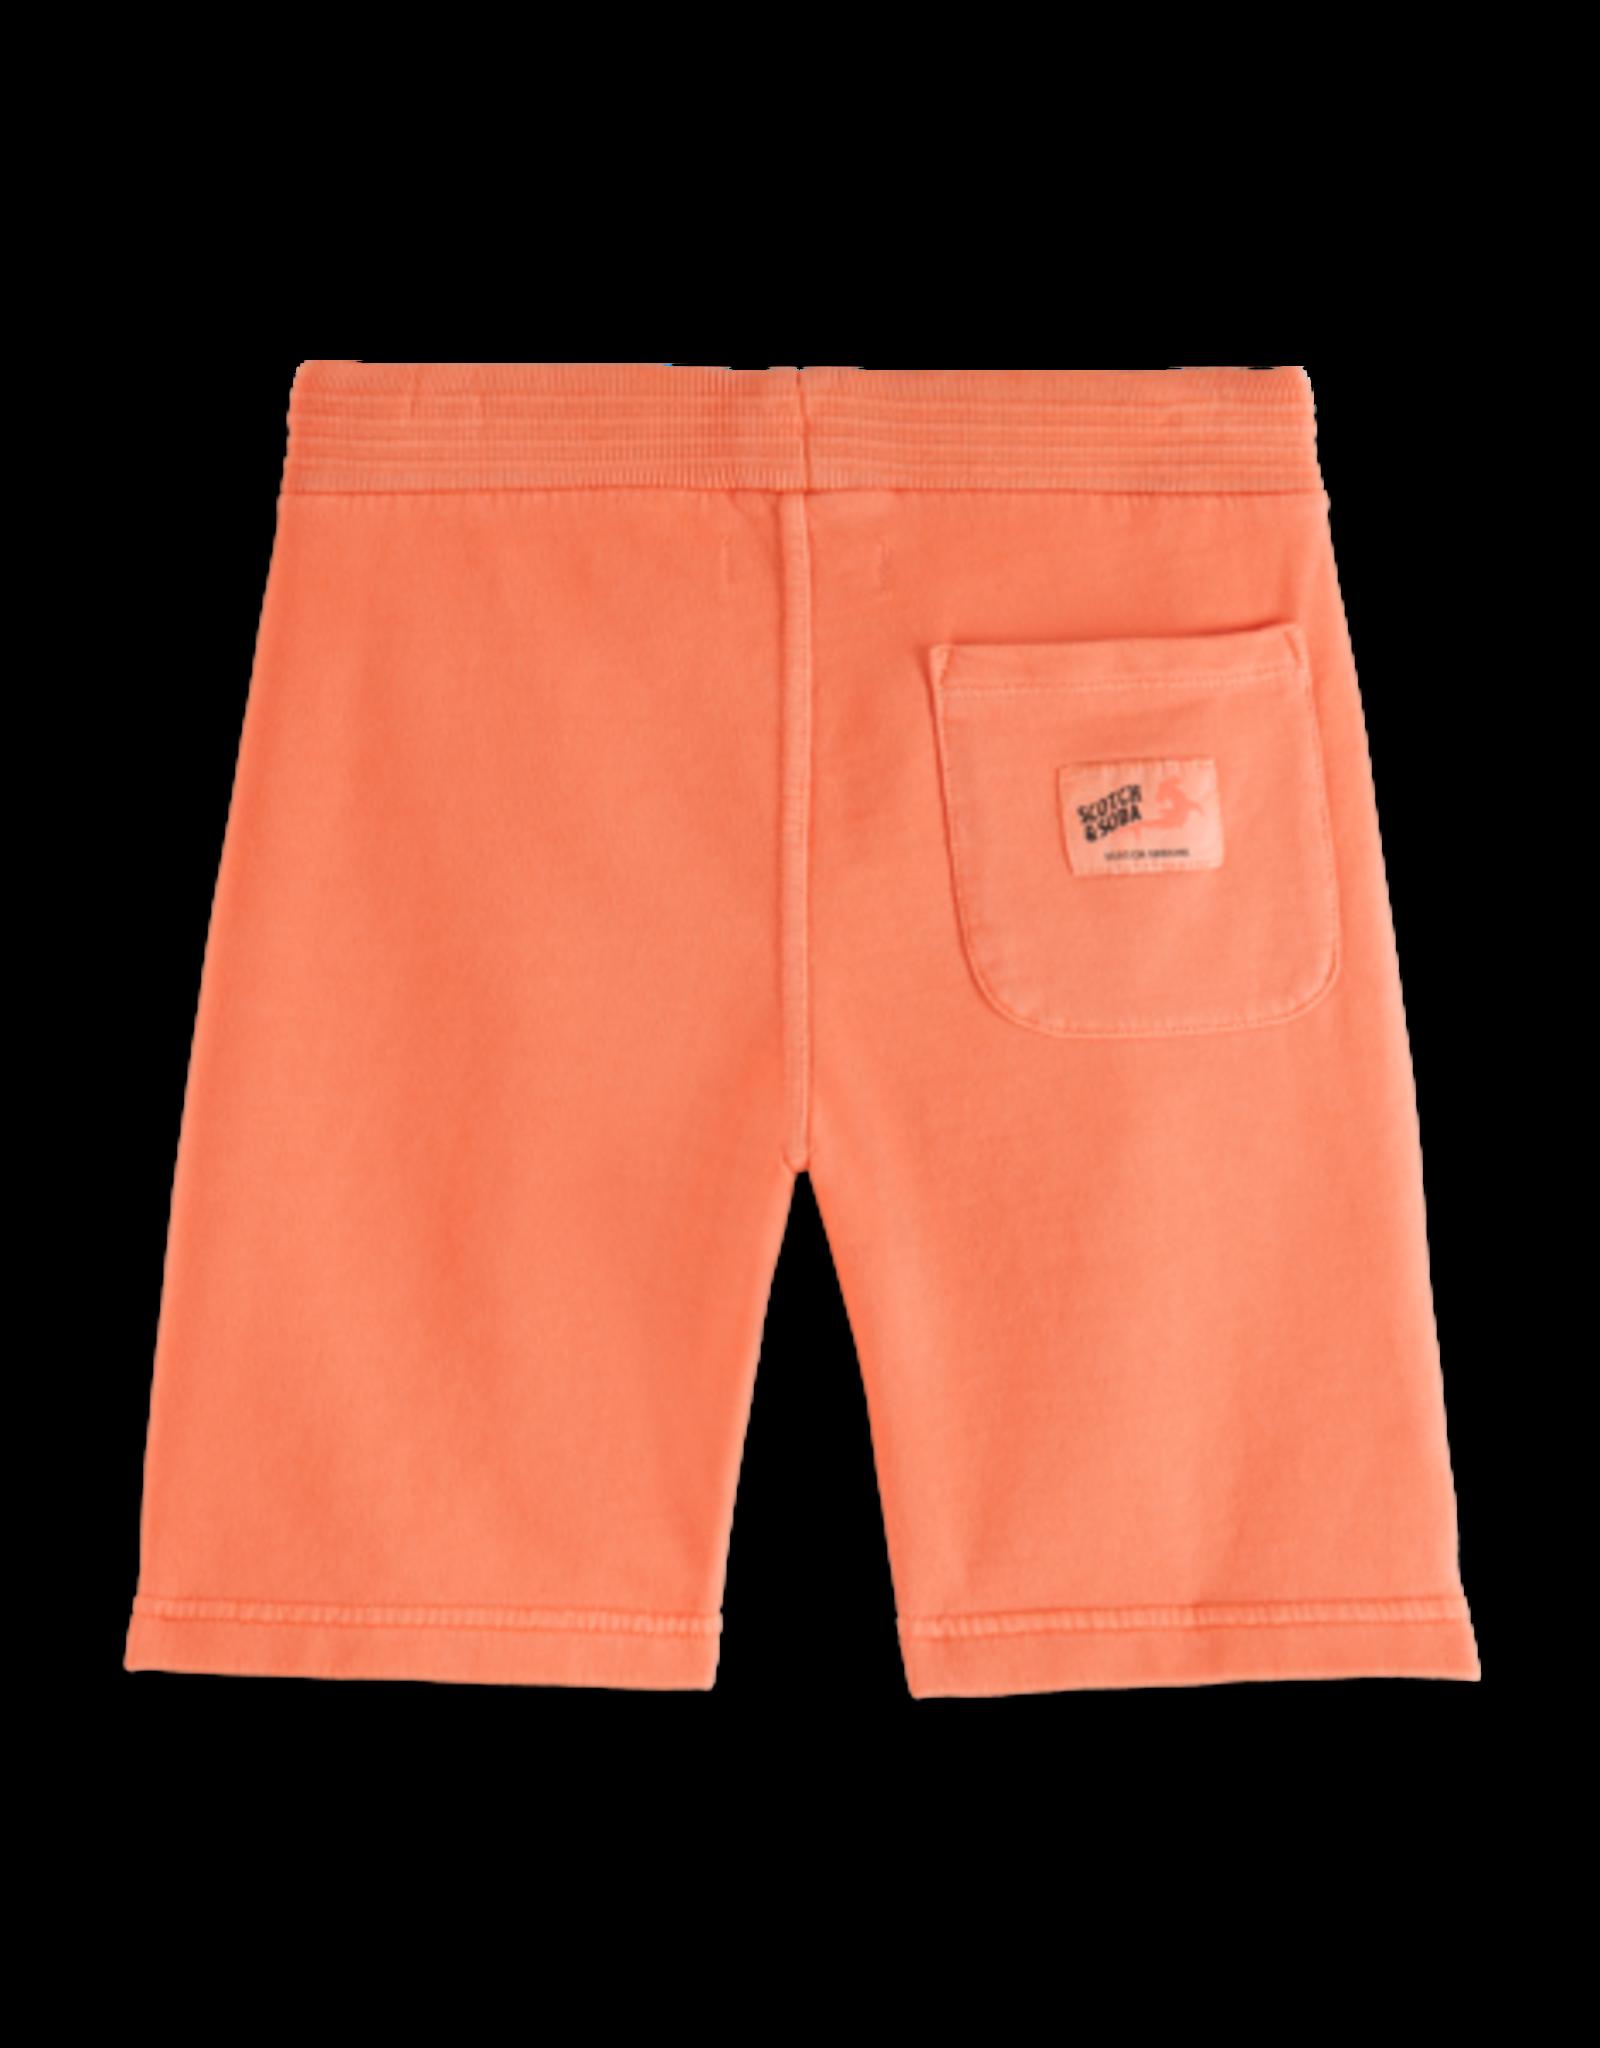 Scotch Shrunk Scotch Shrunk sweat shorts in Washed Coral